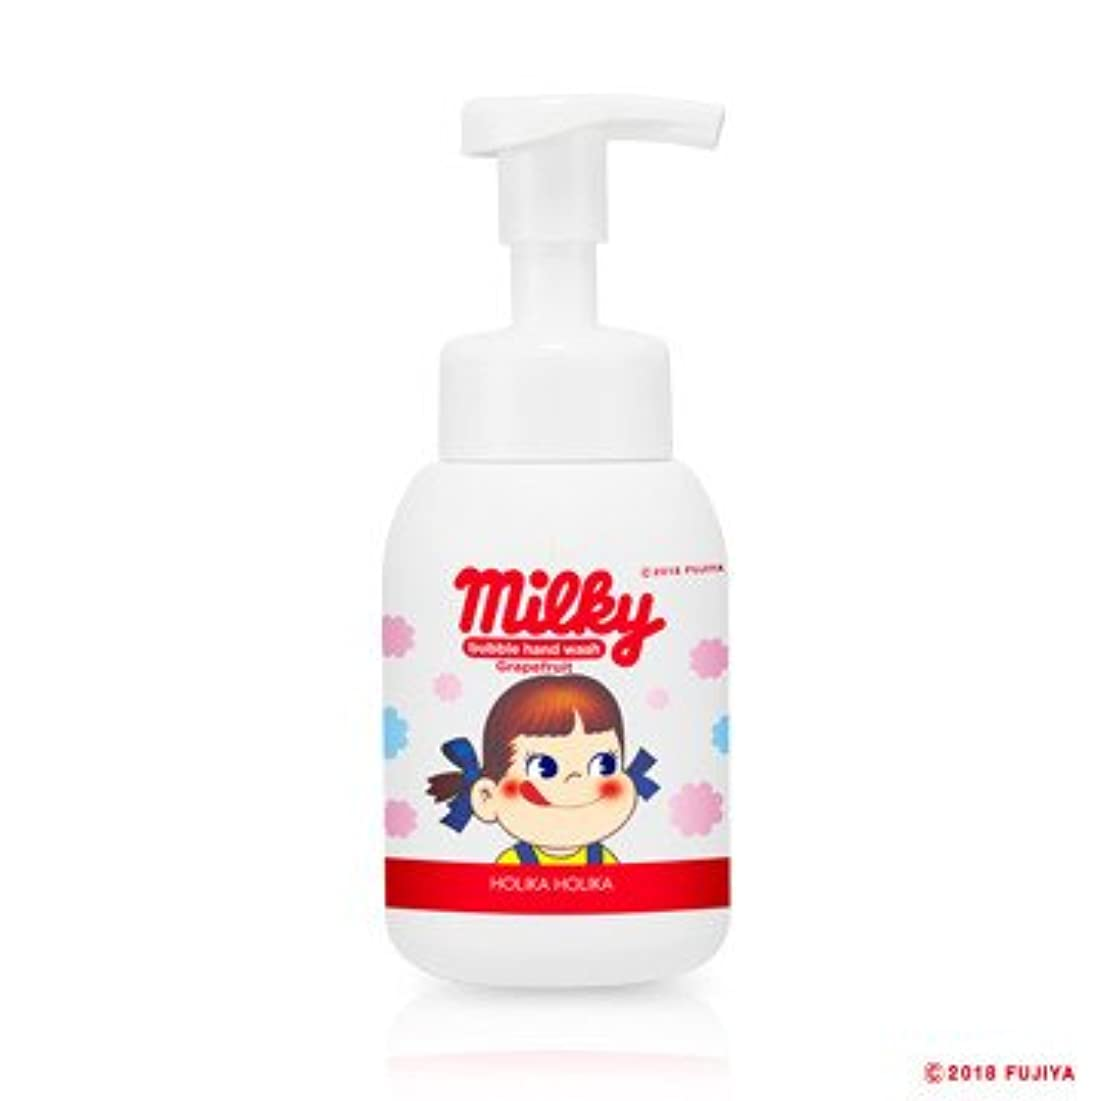 文庫本強い上下するHolika Holika [Sweet Peko Edition] Bubble Hand Wash/ホリカホリカ [スイートペコエディション] バブルハンドウォッシュ 250ml [並行輸入品]